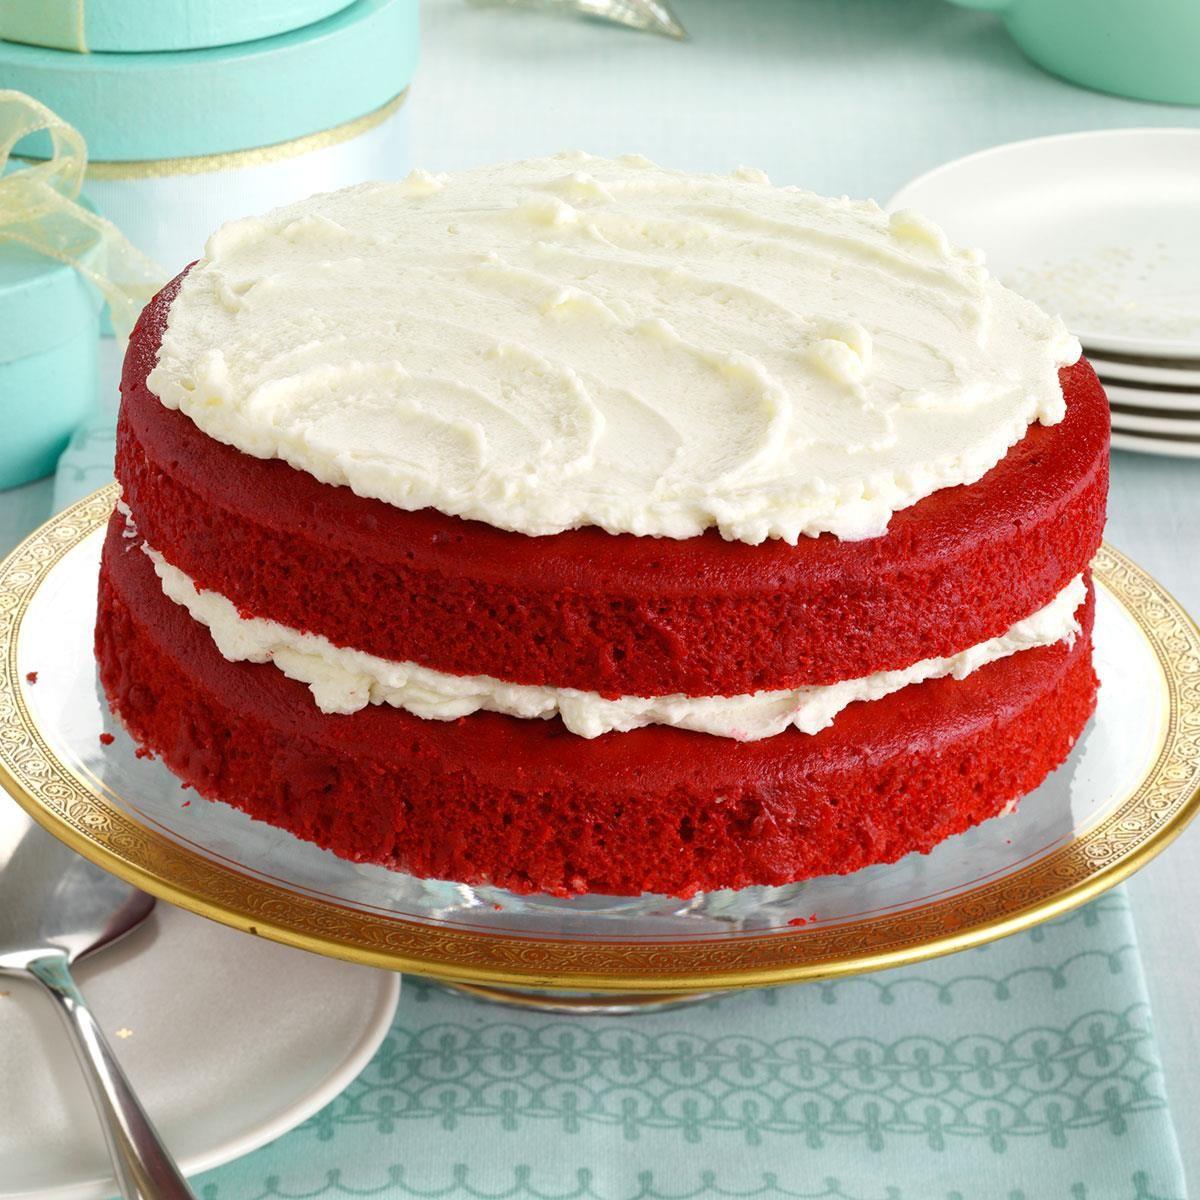 Makeover Red Velvet Cake Recipe Red Velvet Cake Recipe Velvet Cake Recipes Red Velvet Cake